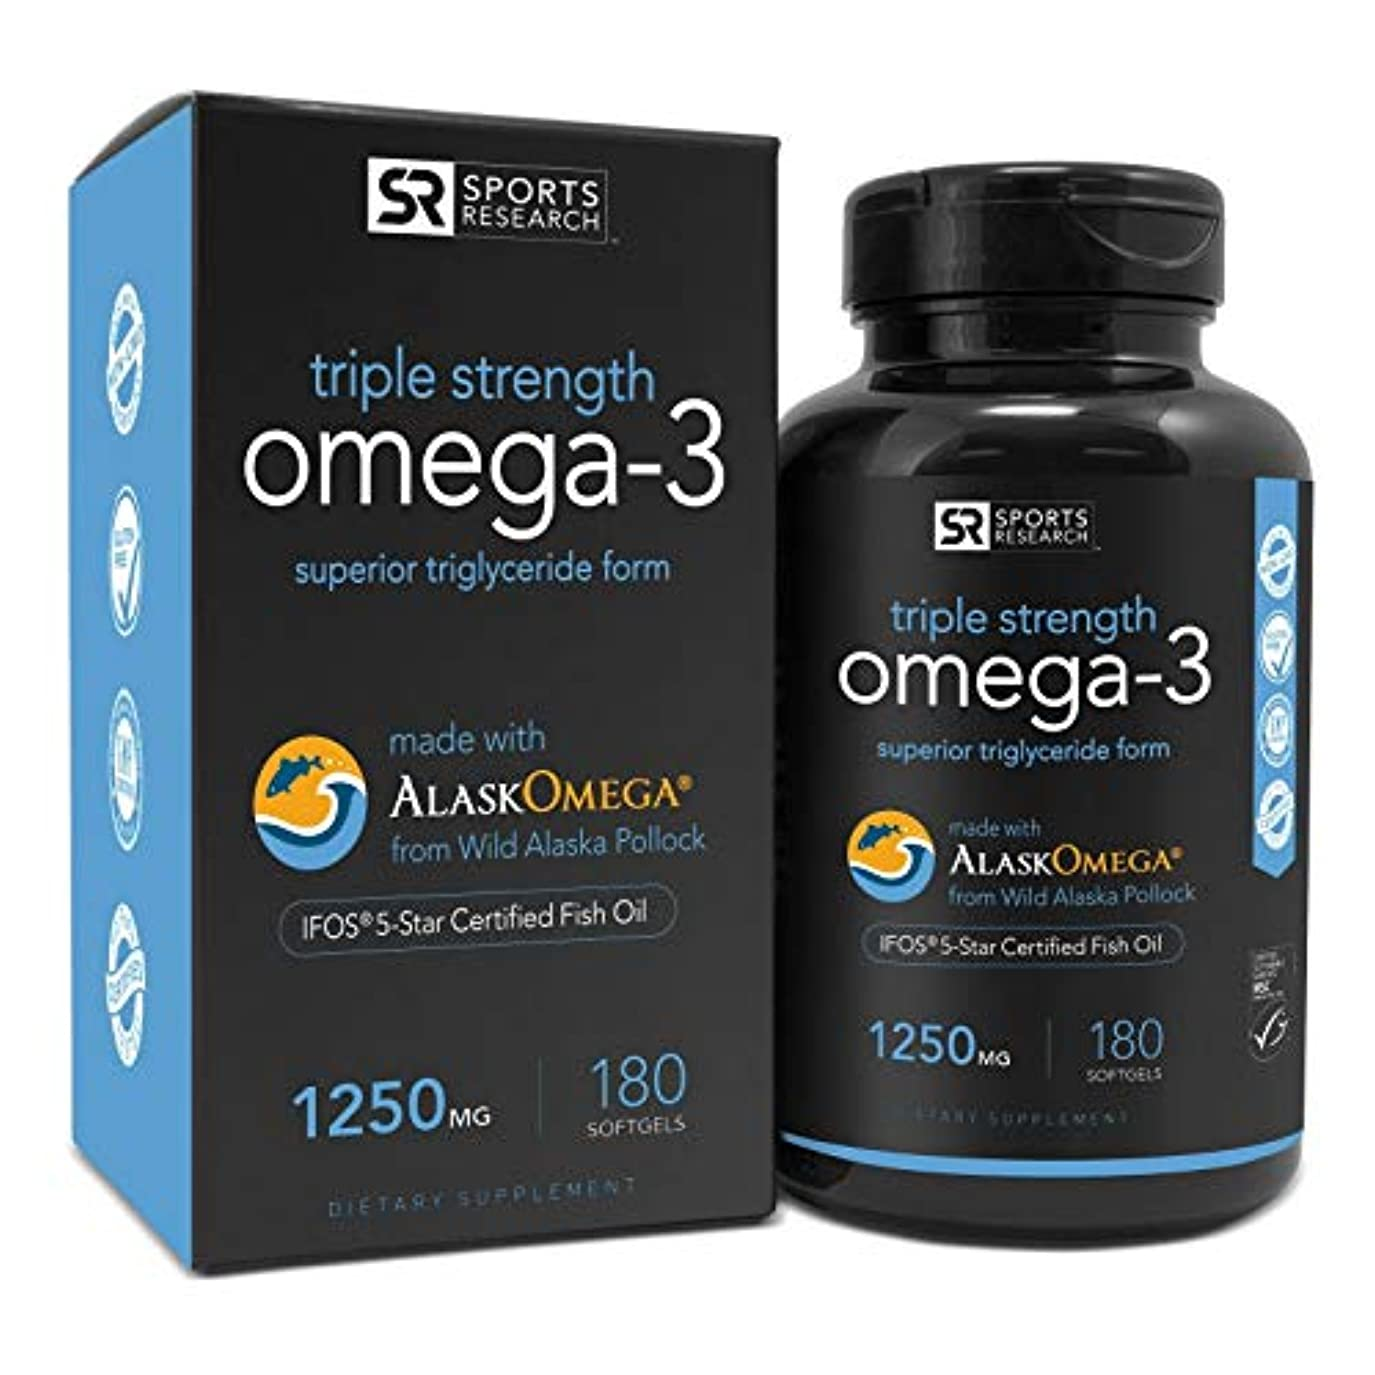 鼓舞するピット招待Omega-3 Fish Oil 1250mg (Triple Strength) 180 gelcaps| Contains the highest levels of triglyceride Omega-3s EPA...